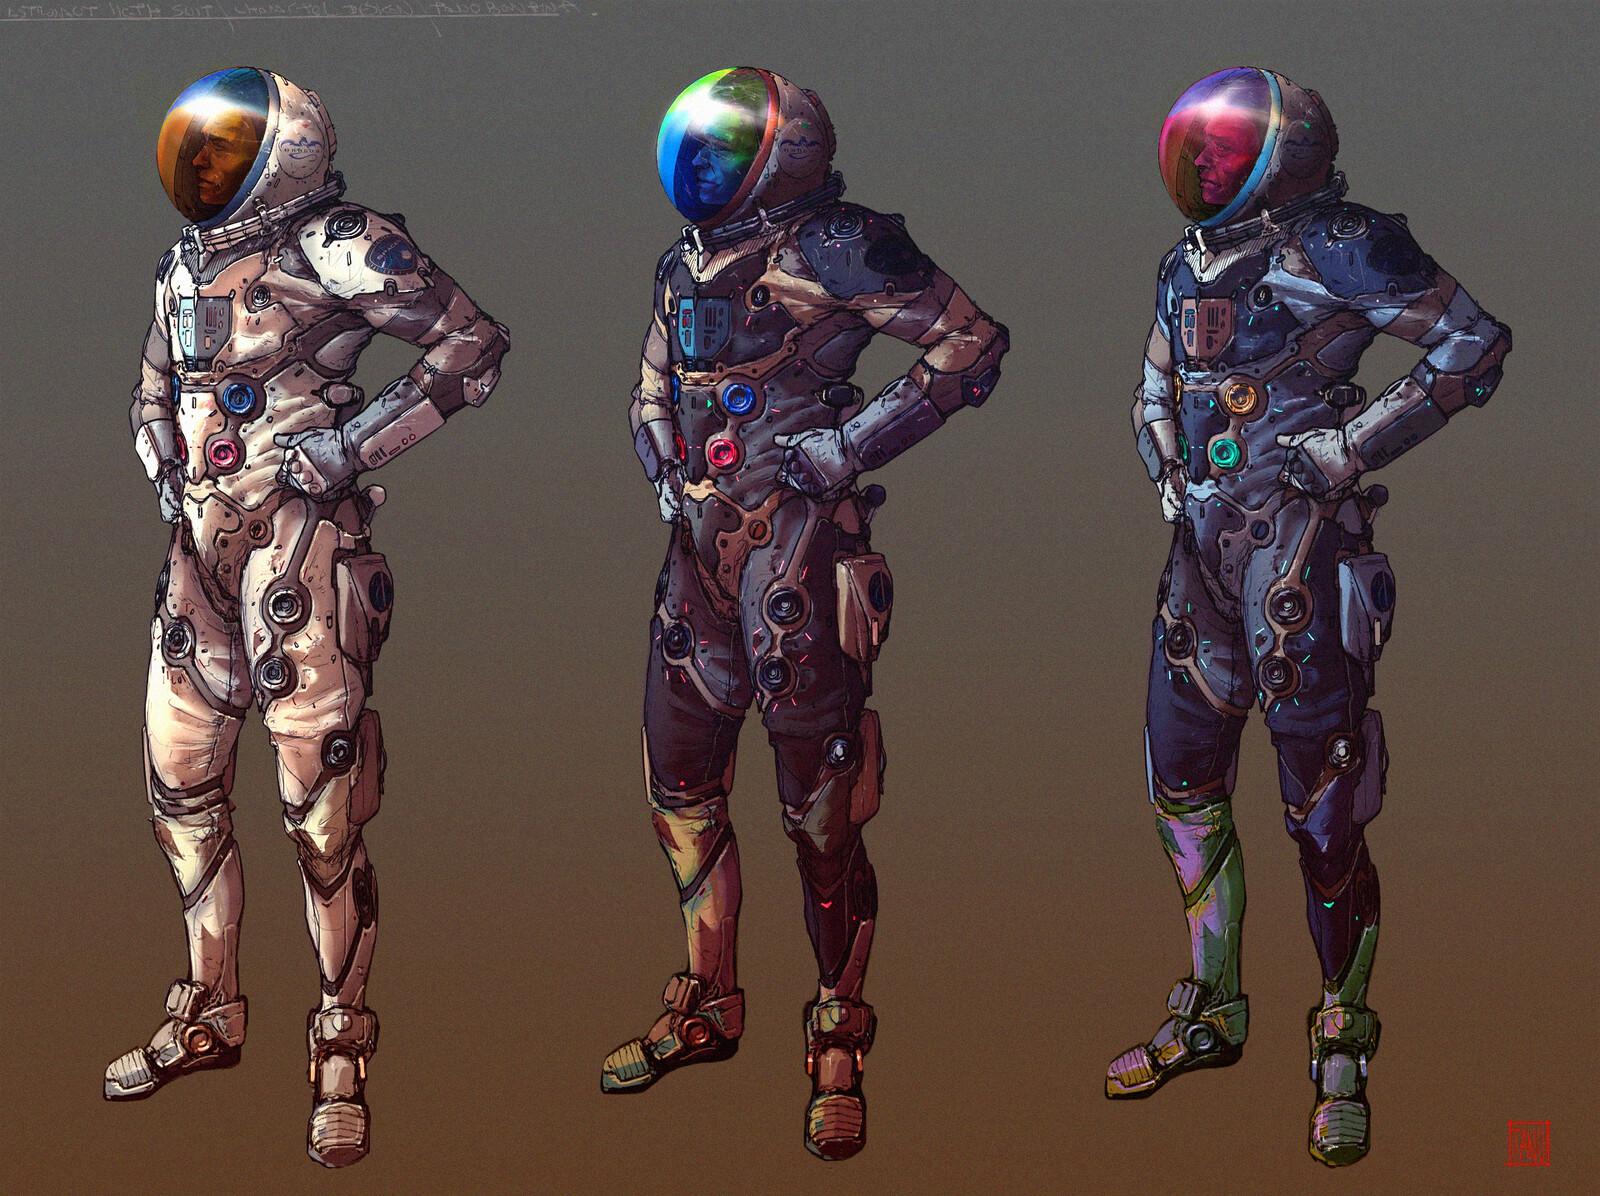 Astronaut - Suit level 1